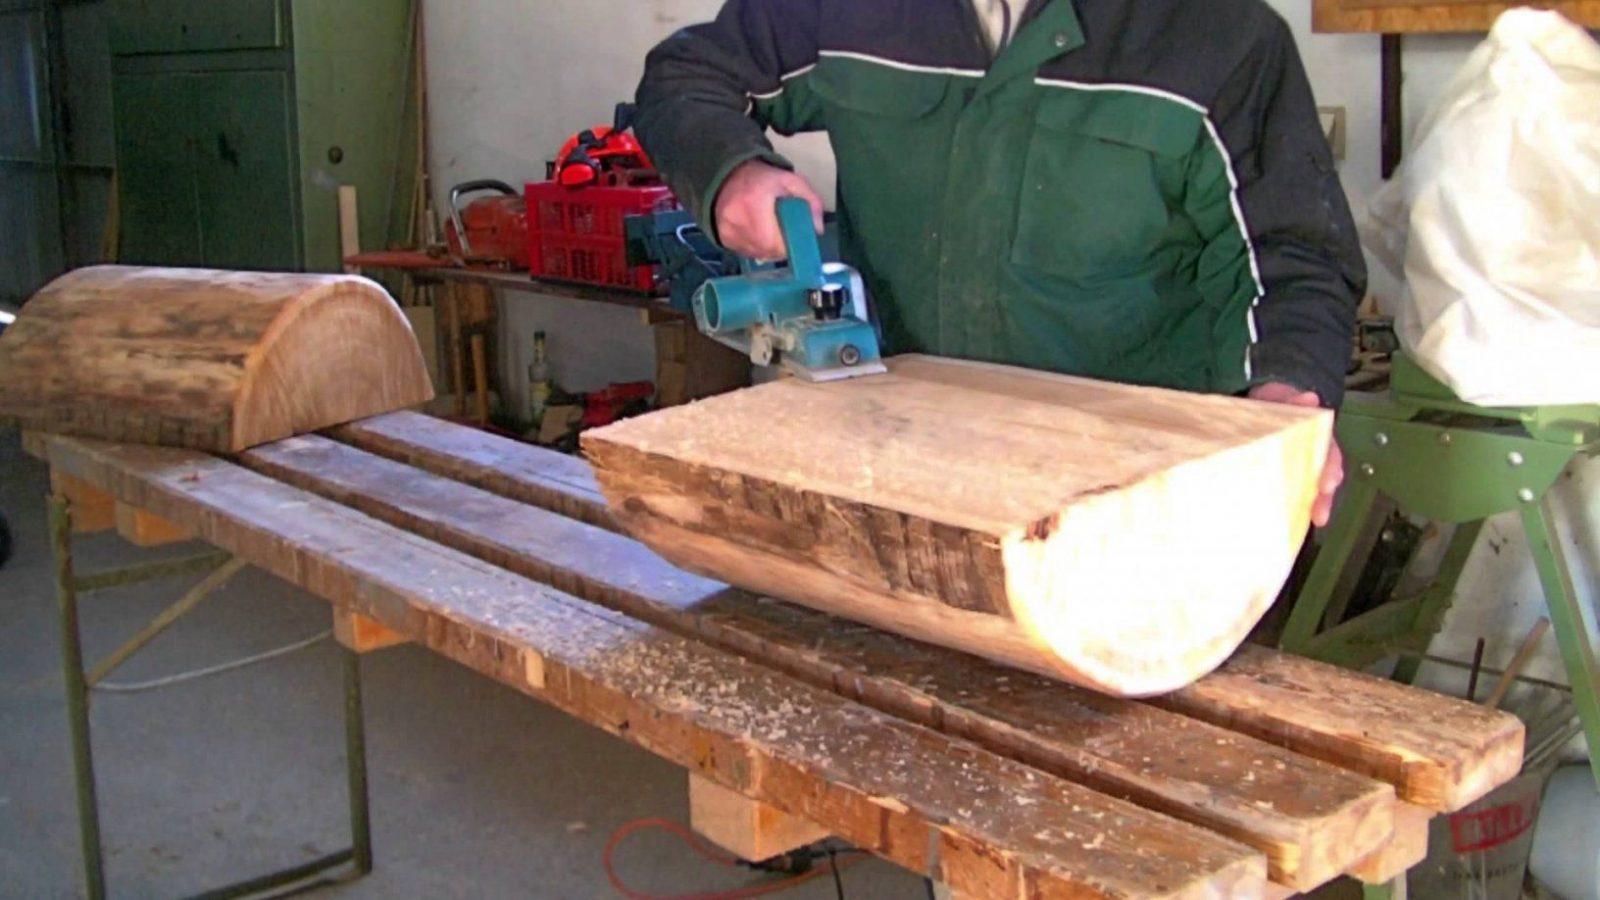 Herstellung Von Massiven Gartenbänken  Youtube von Massive Holzbank Selber Bauen Bild